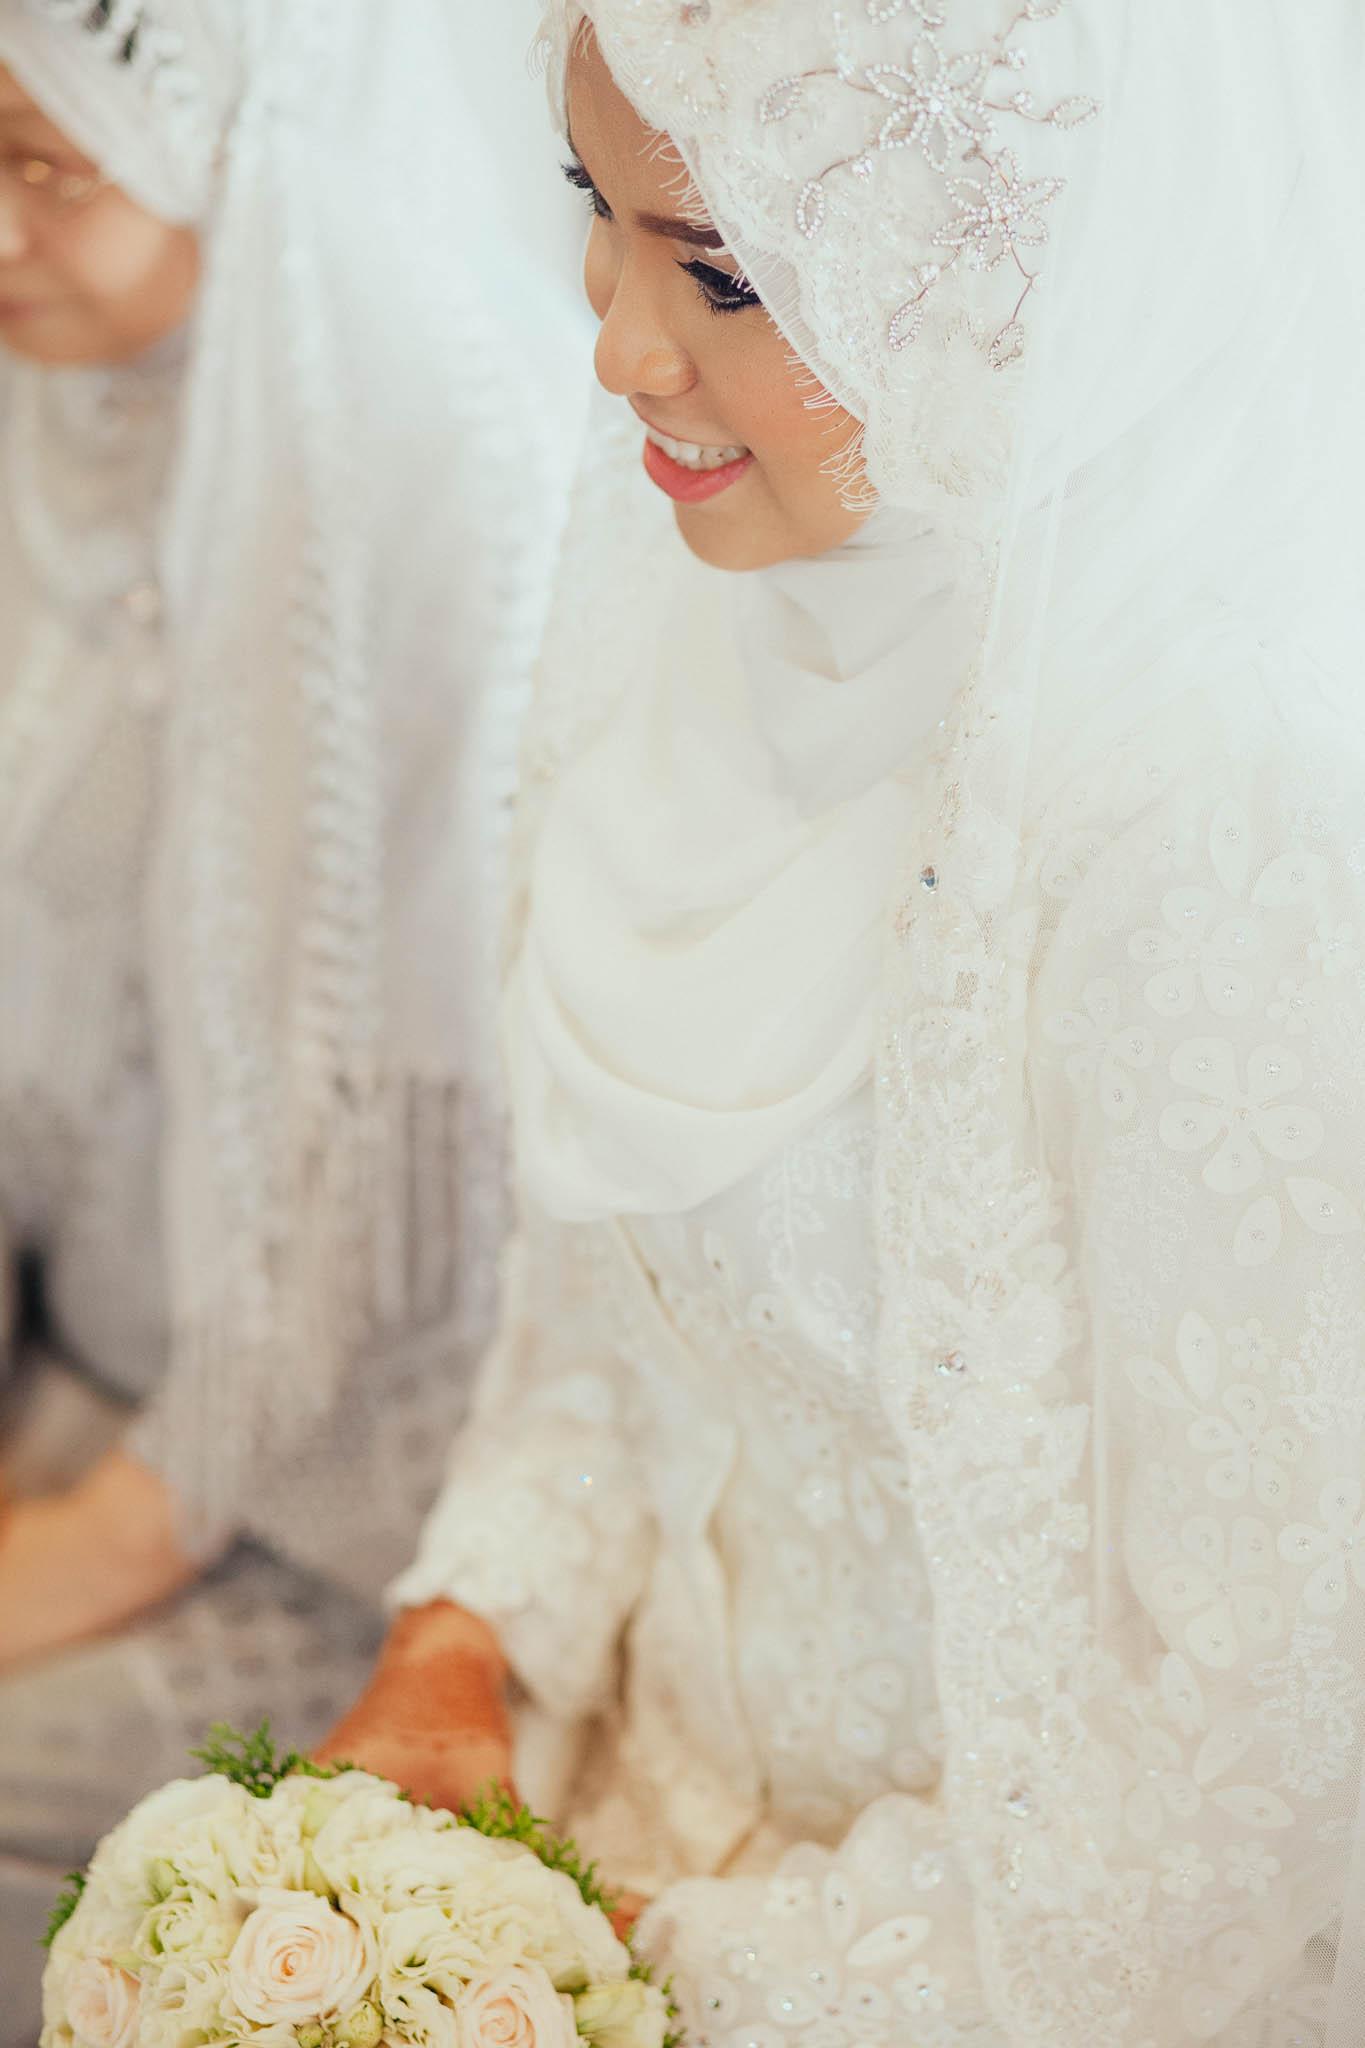 singapore-wedding-photographer-travel-wemadethese-atara-hafizah-14.jpg